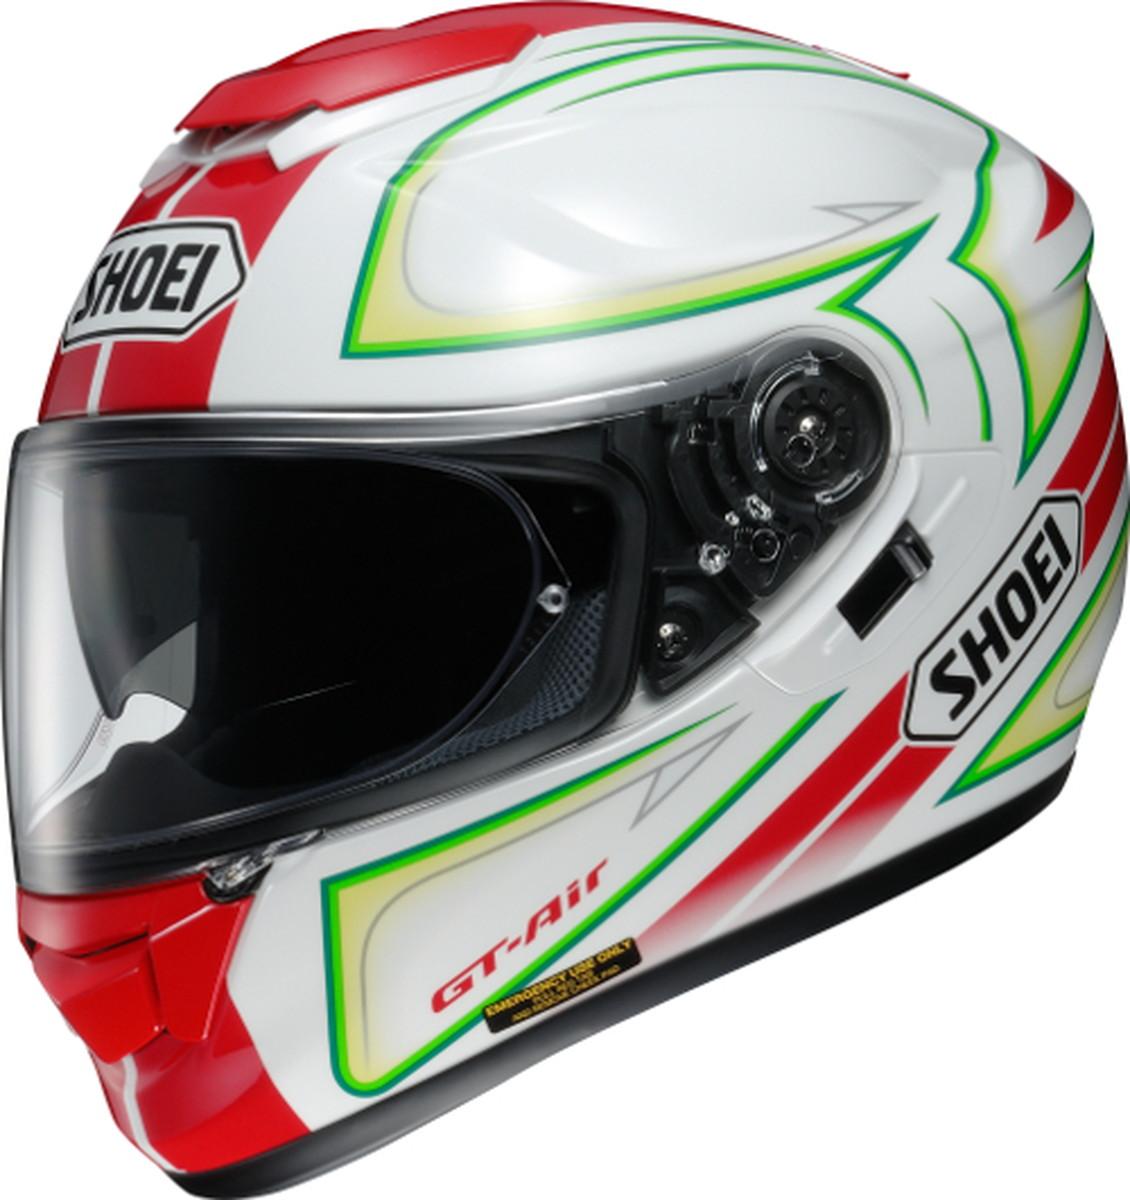 【動画あり】 SHOEI フルフェイスヘルメット GT-AIR EXPANSE (エクスパンセ) TC-10 Sサイズ